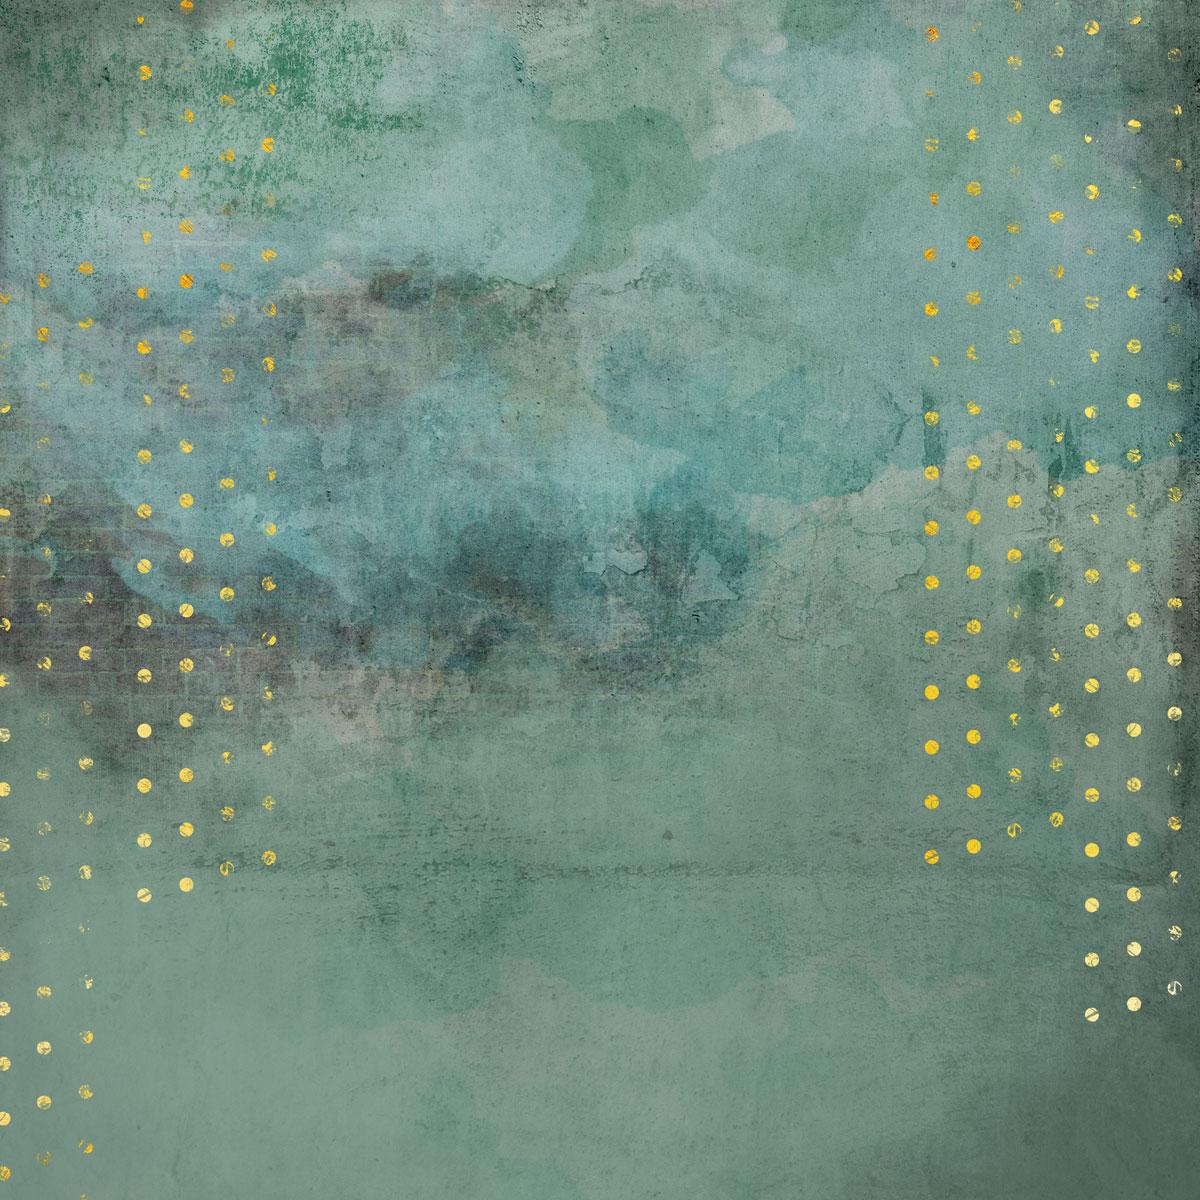 12张高清水彩金色质感艺术海报设计纸张背景纹理图片素材 Watercolor Texture Papers插图(1)